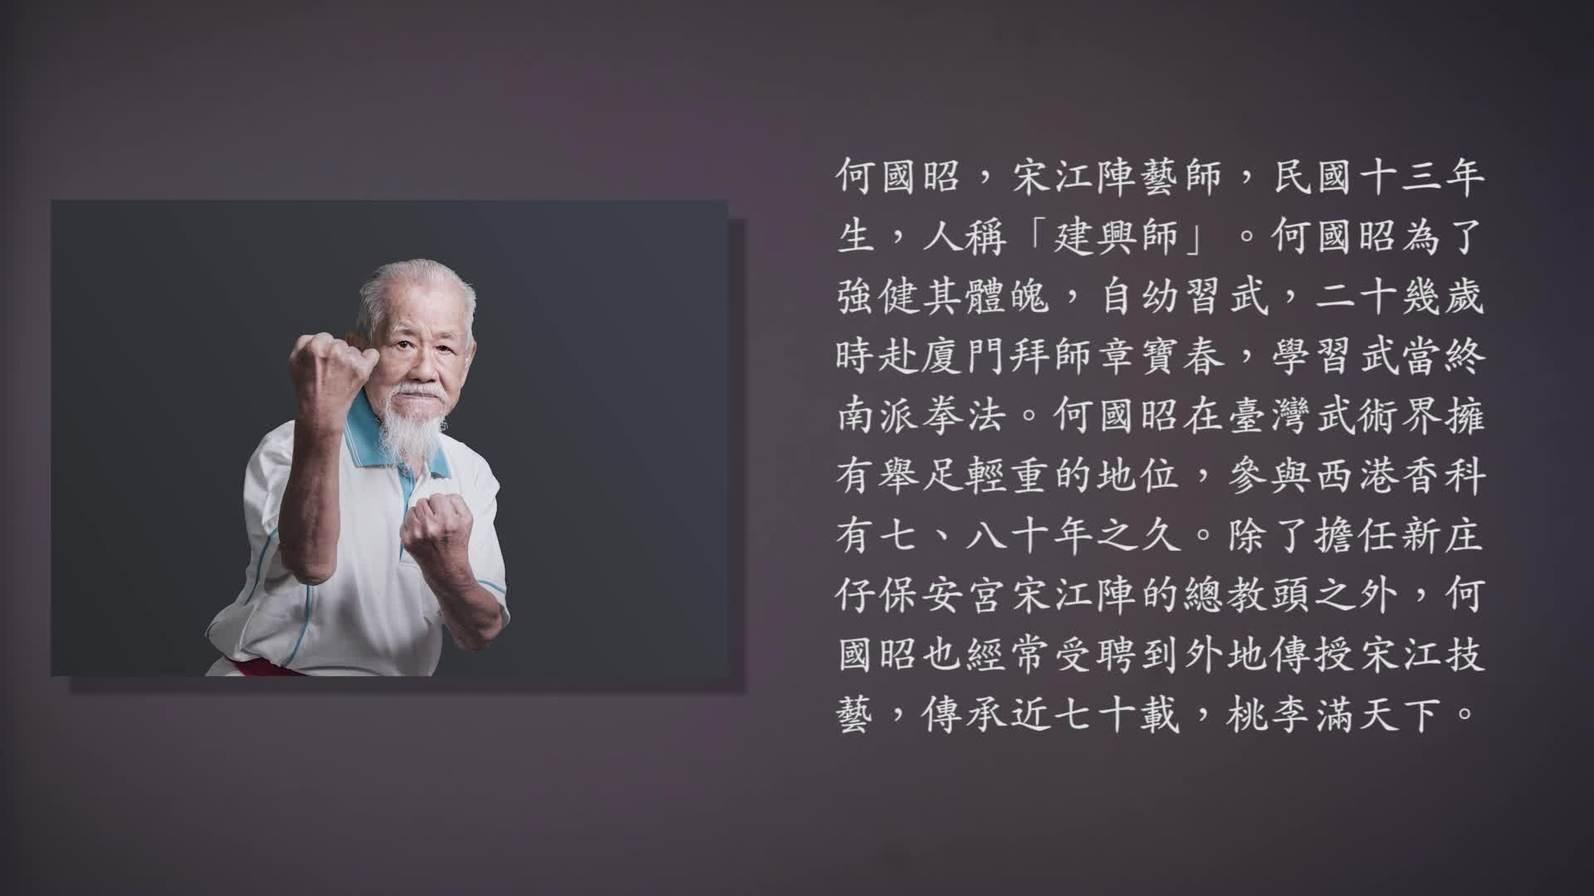 技藝.記憶-傳統藝術藝人口述歷史影像紀錄計畫-何國昭精華片段